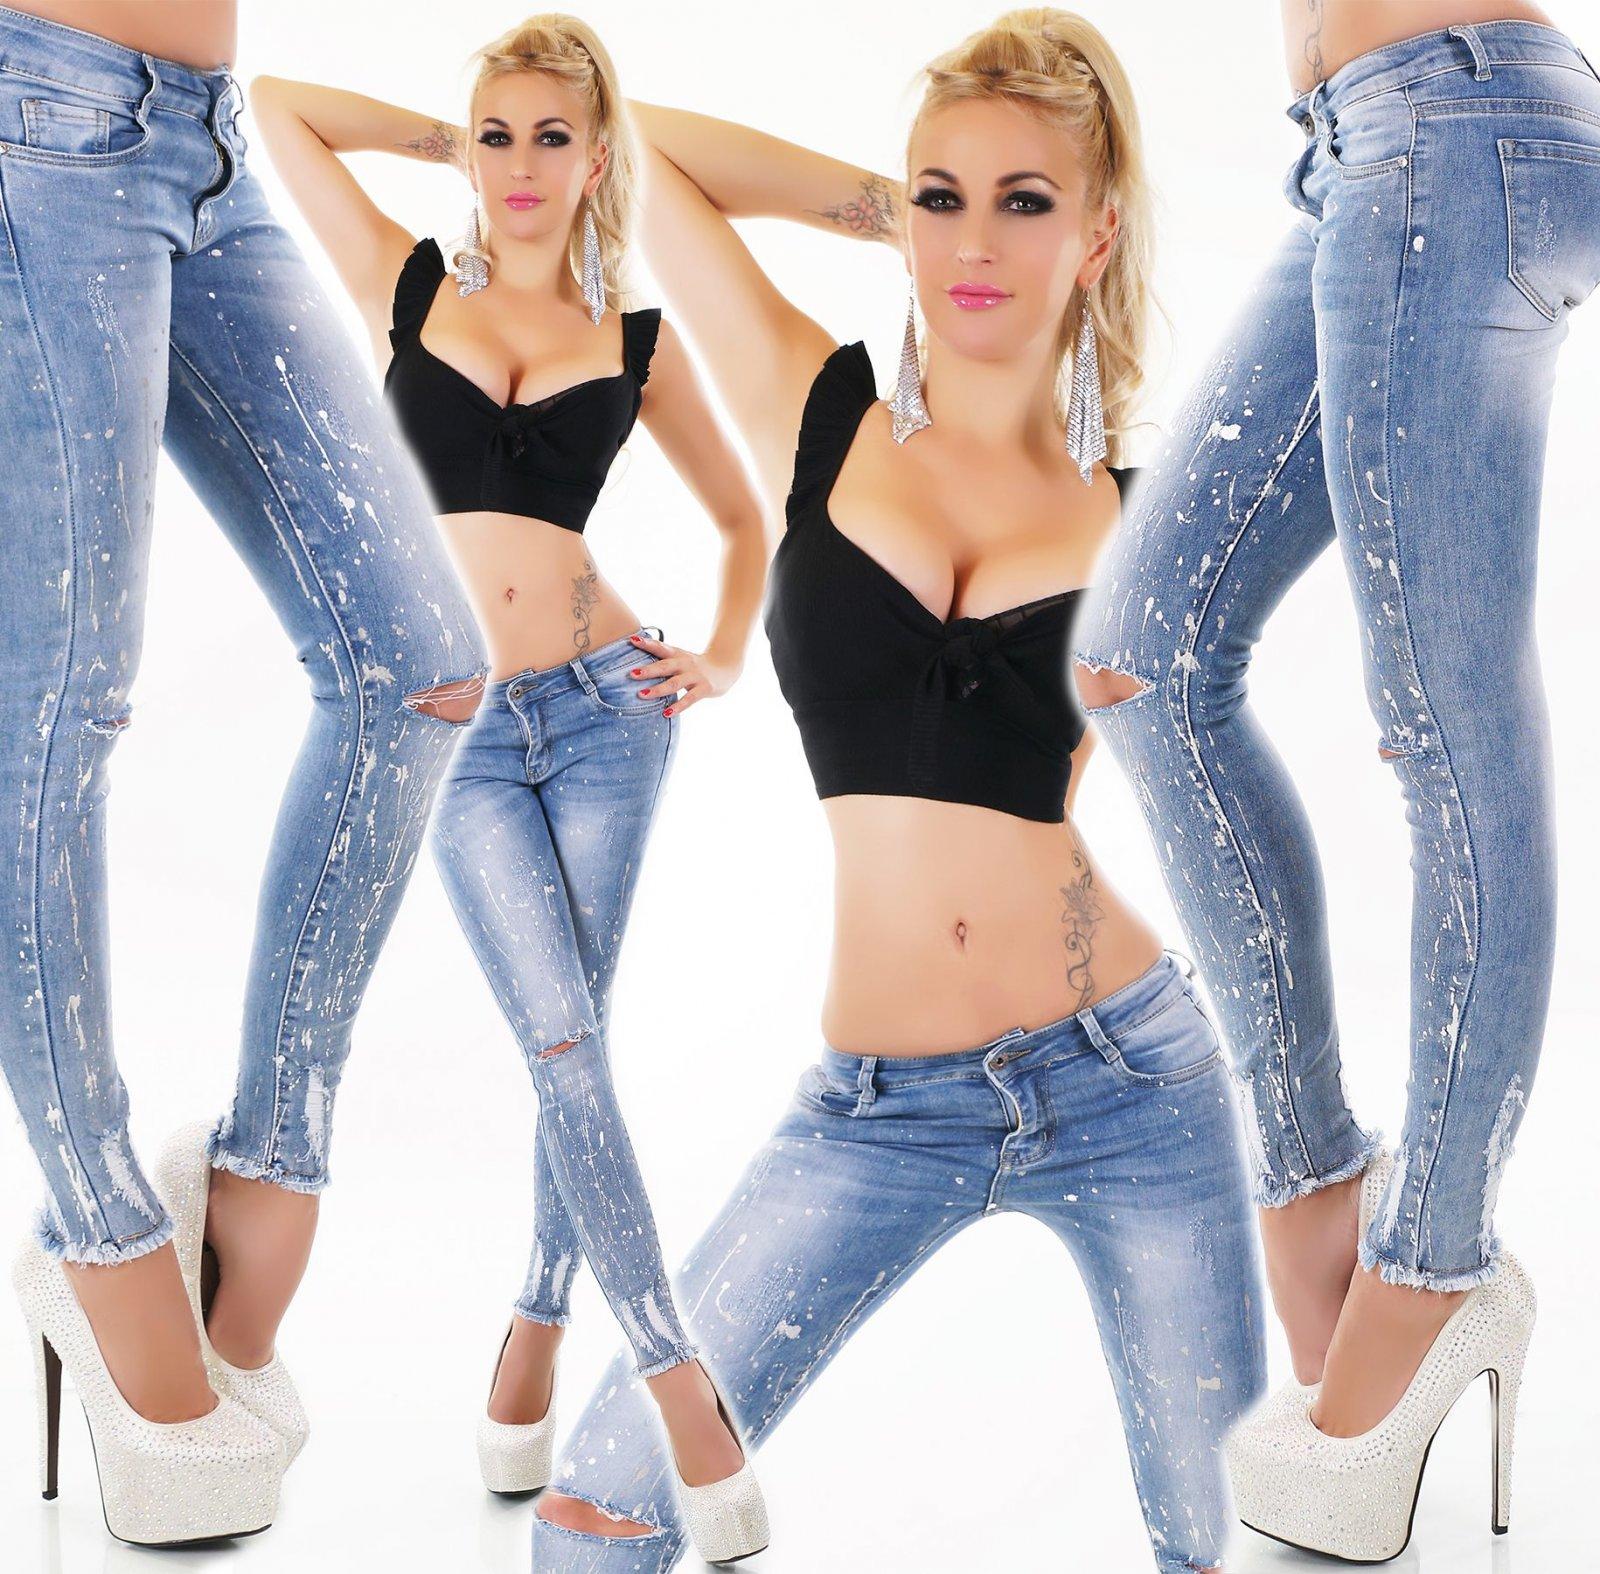 Damen Slim Fit Stretch Röhren Jeans Risse Perlen High Waist 34 36 38 40 schwarz